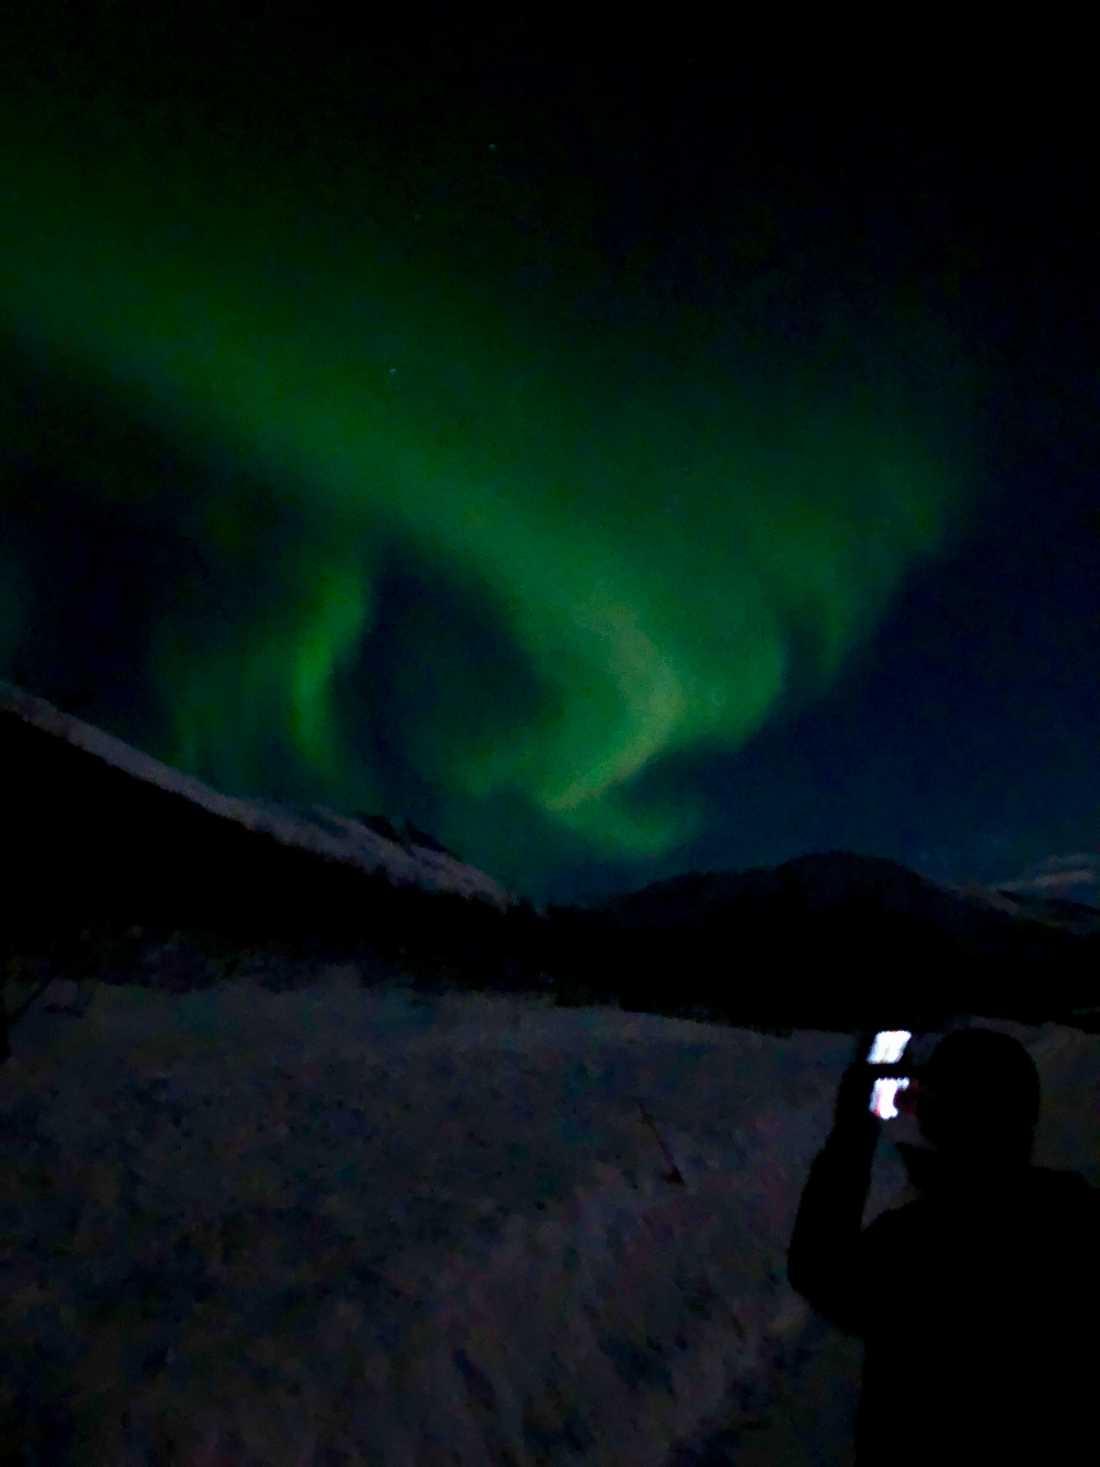 """""""Nordlys i sörsverige"""", skriver en läsare som har skickat in den här bilden på kvällens norrsken."""